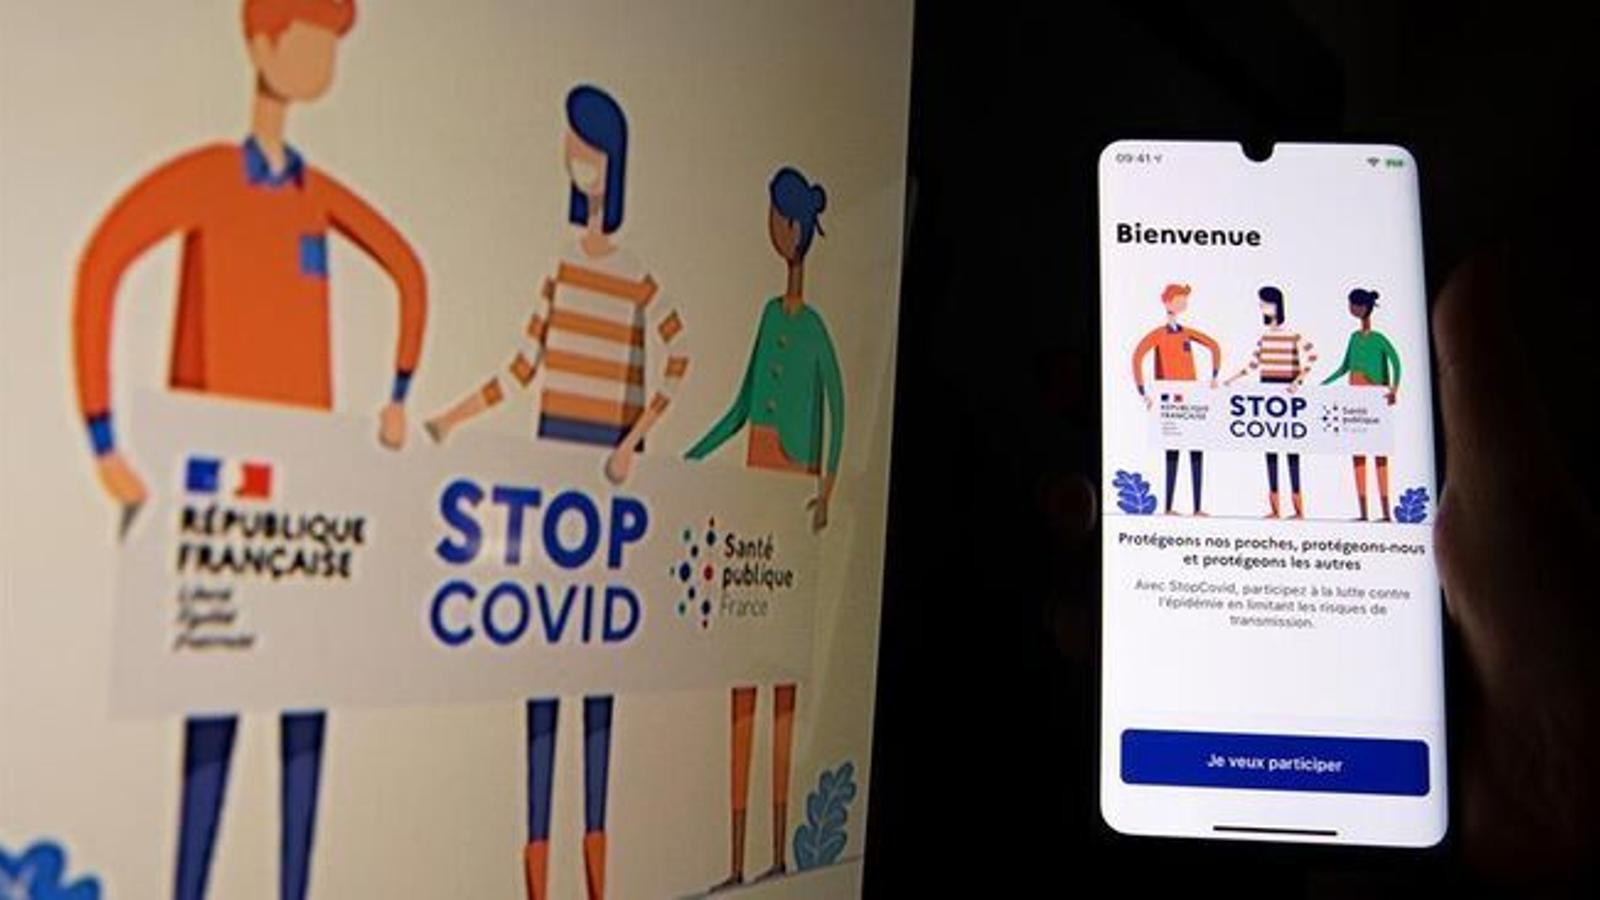 Presentació a París de l'apli StopCovid que posa en marxa el govern francès. / EFE